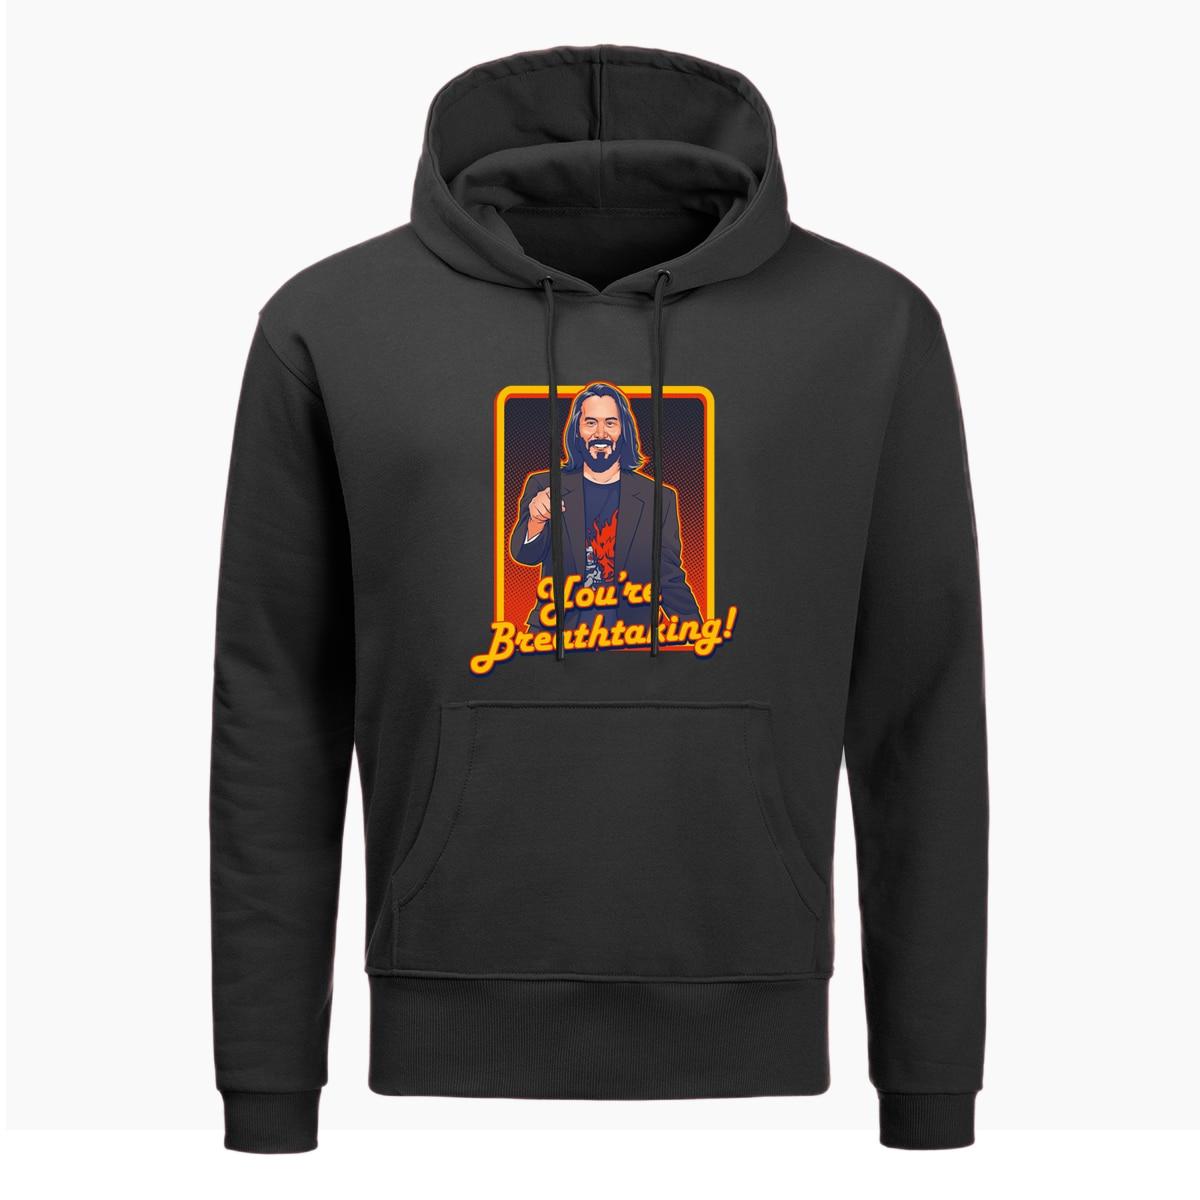 New Keanu Reeves You Are Breathtaking Print Hoodies Sweatshirt Men Autumn Sportswear Winter Fleece Pullover Hip Hop Streetwear